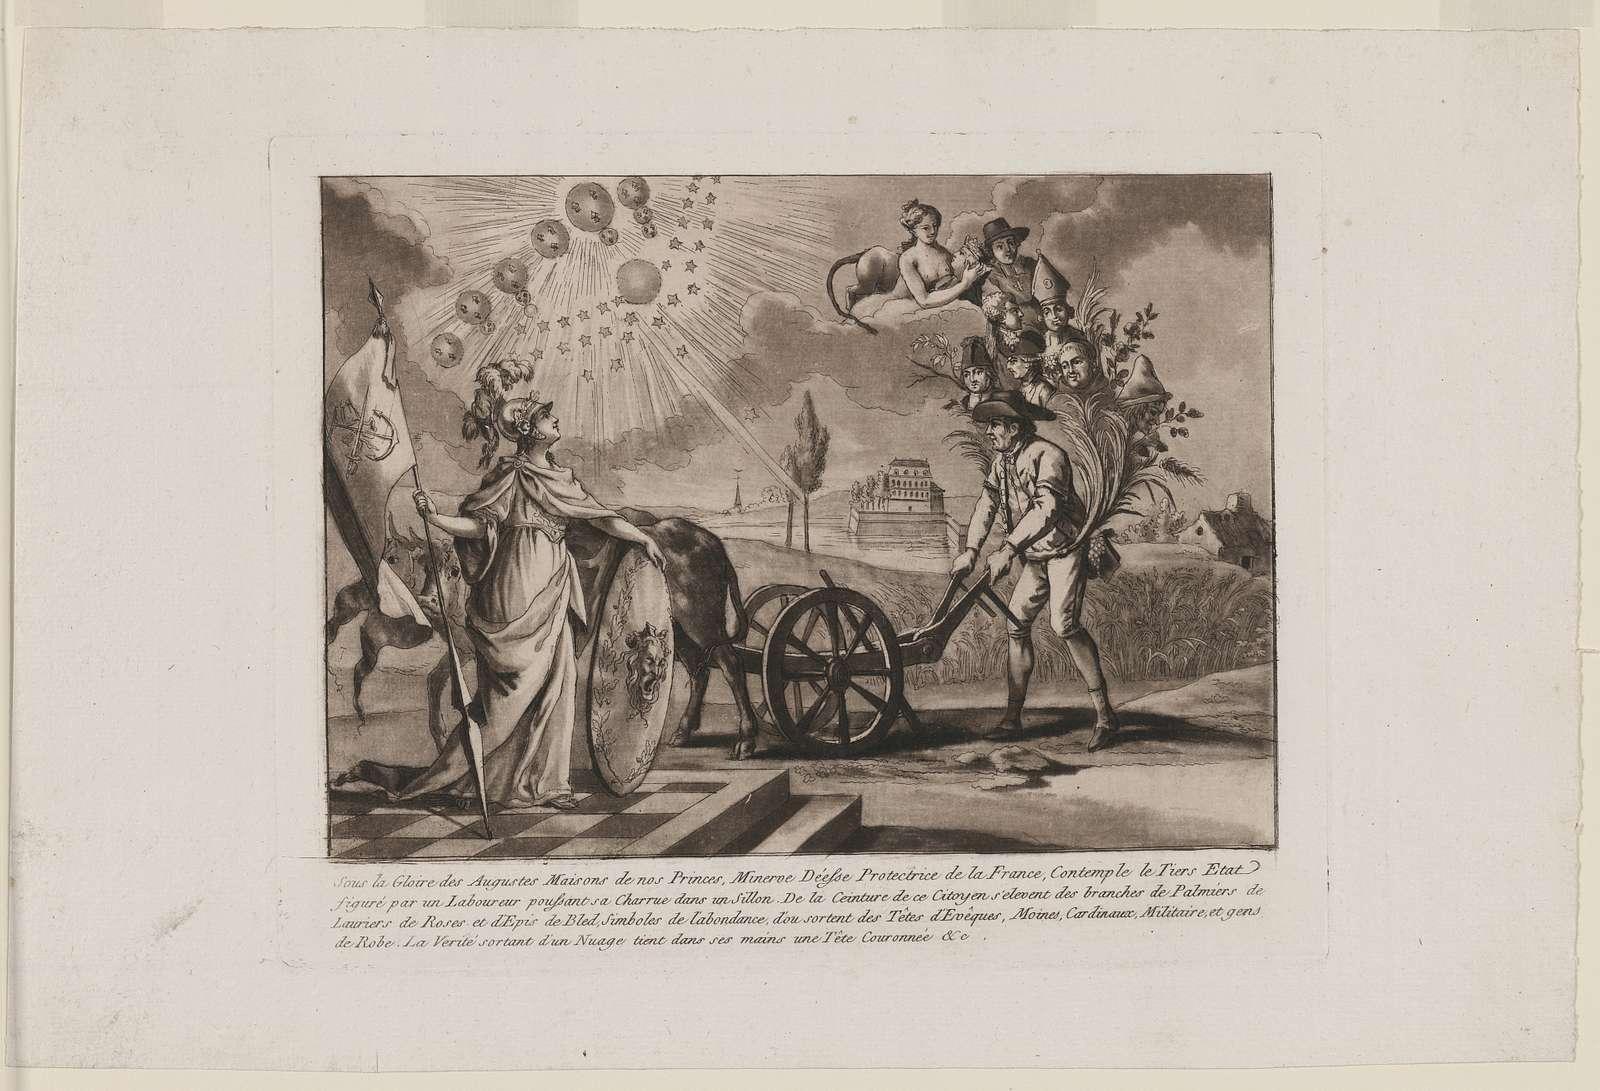 Sous la gloire des augustes maisons de nos princes, Minerve deésse protectrice de la France, contemple le tiers etat figuré par un laboureur poussant sa charrue dans un sillon